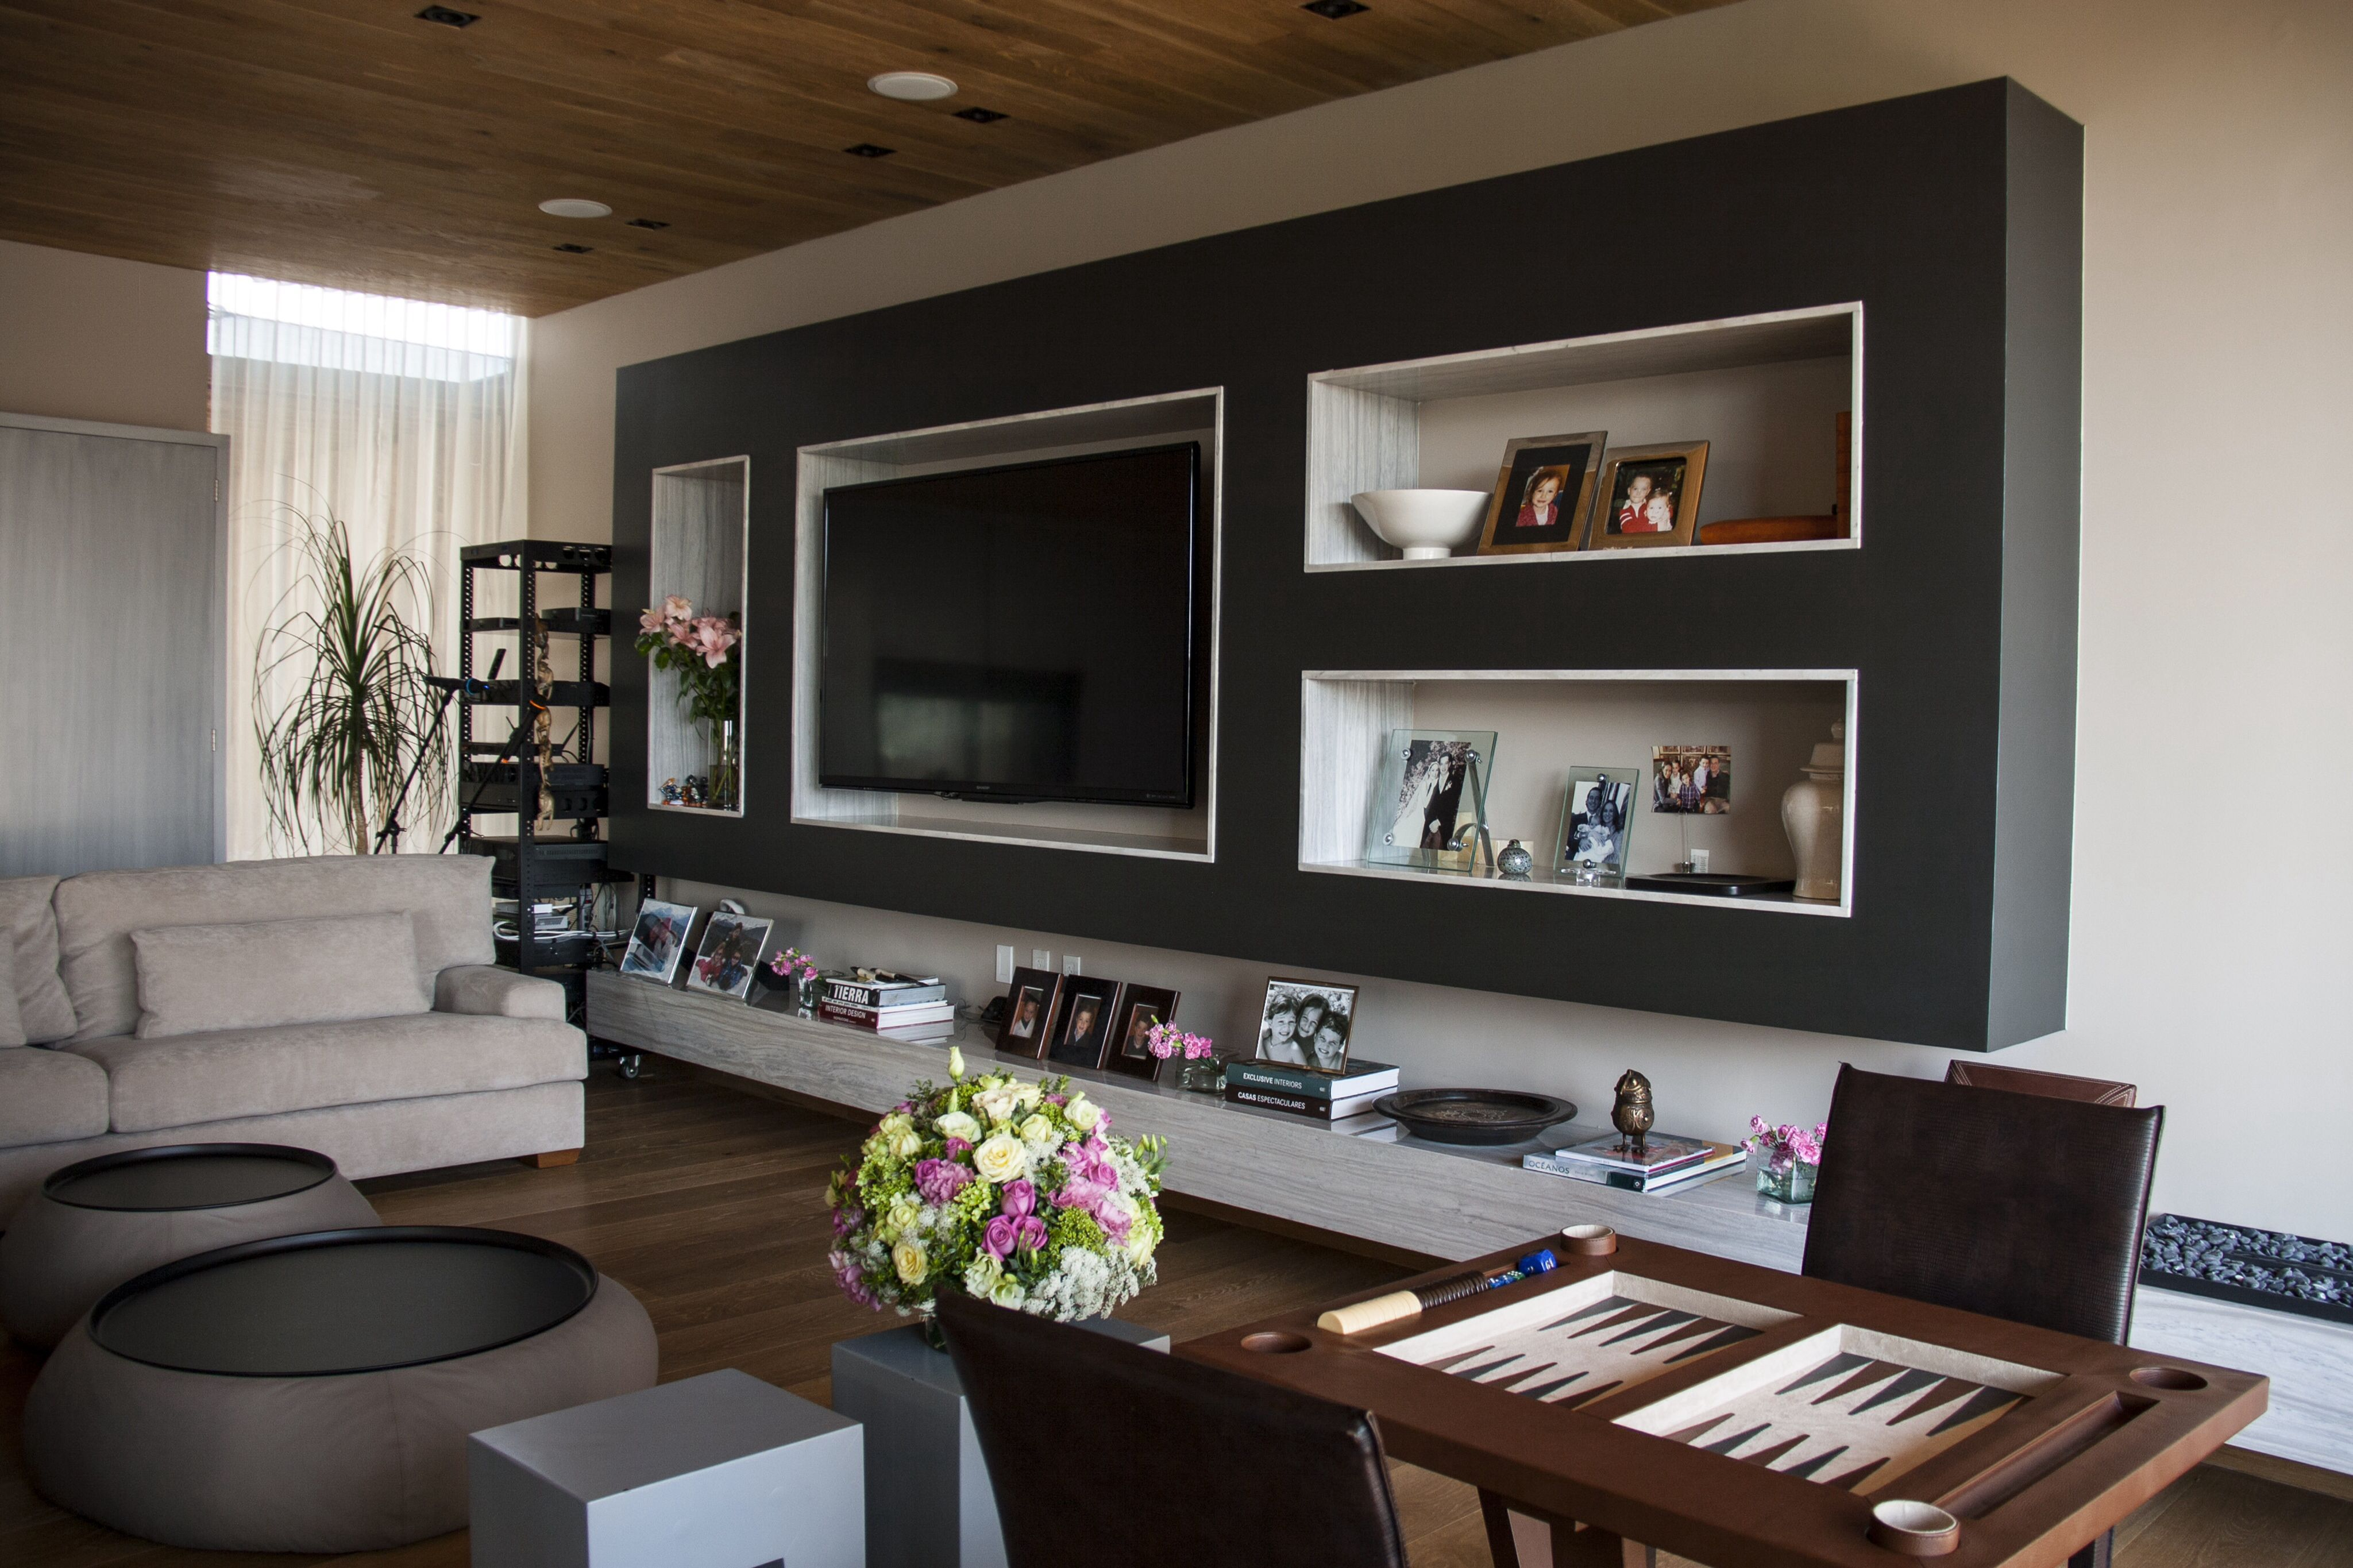 Casa ss cuarto de juegos mueble de tv decoraci n - Decoracion para cuartos ...